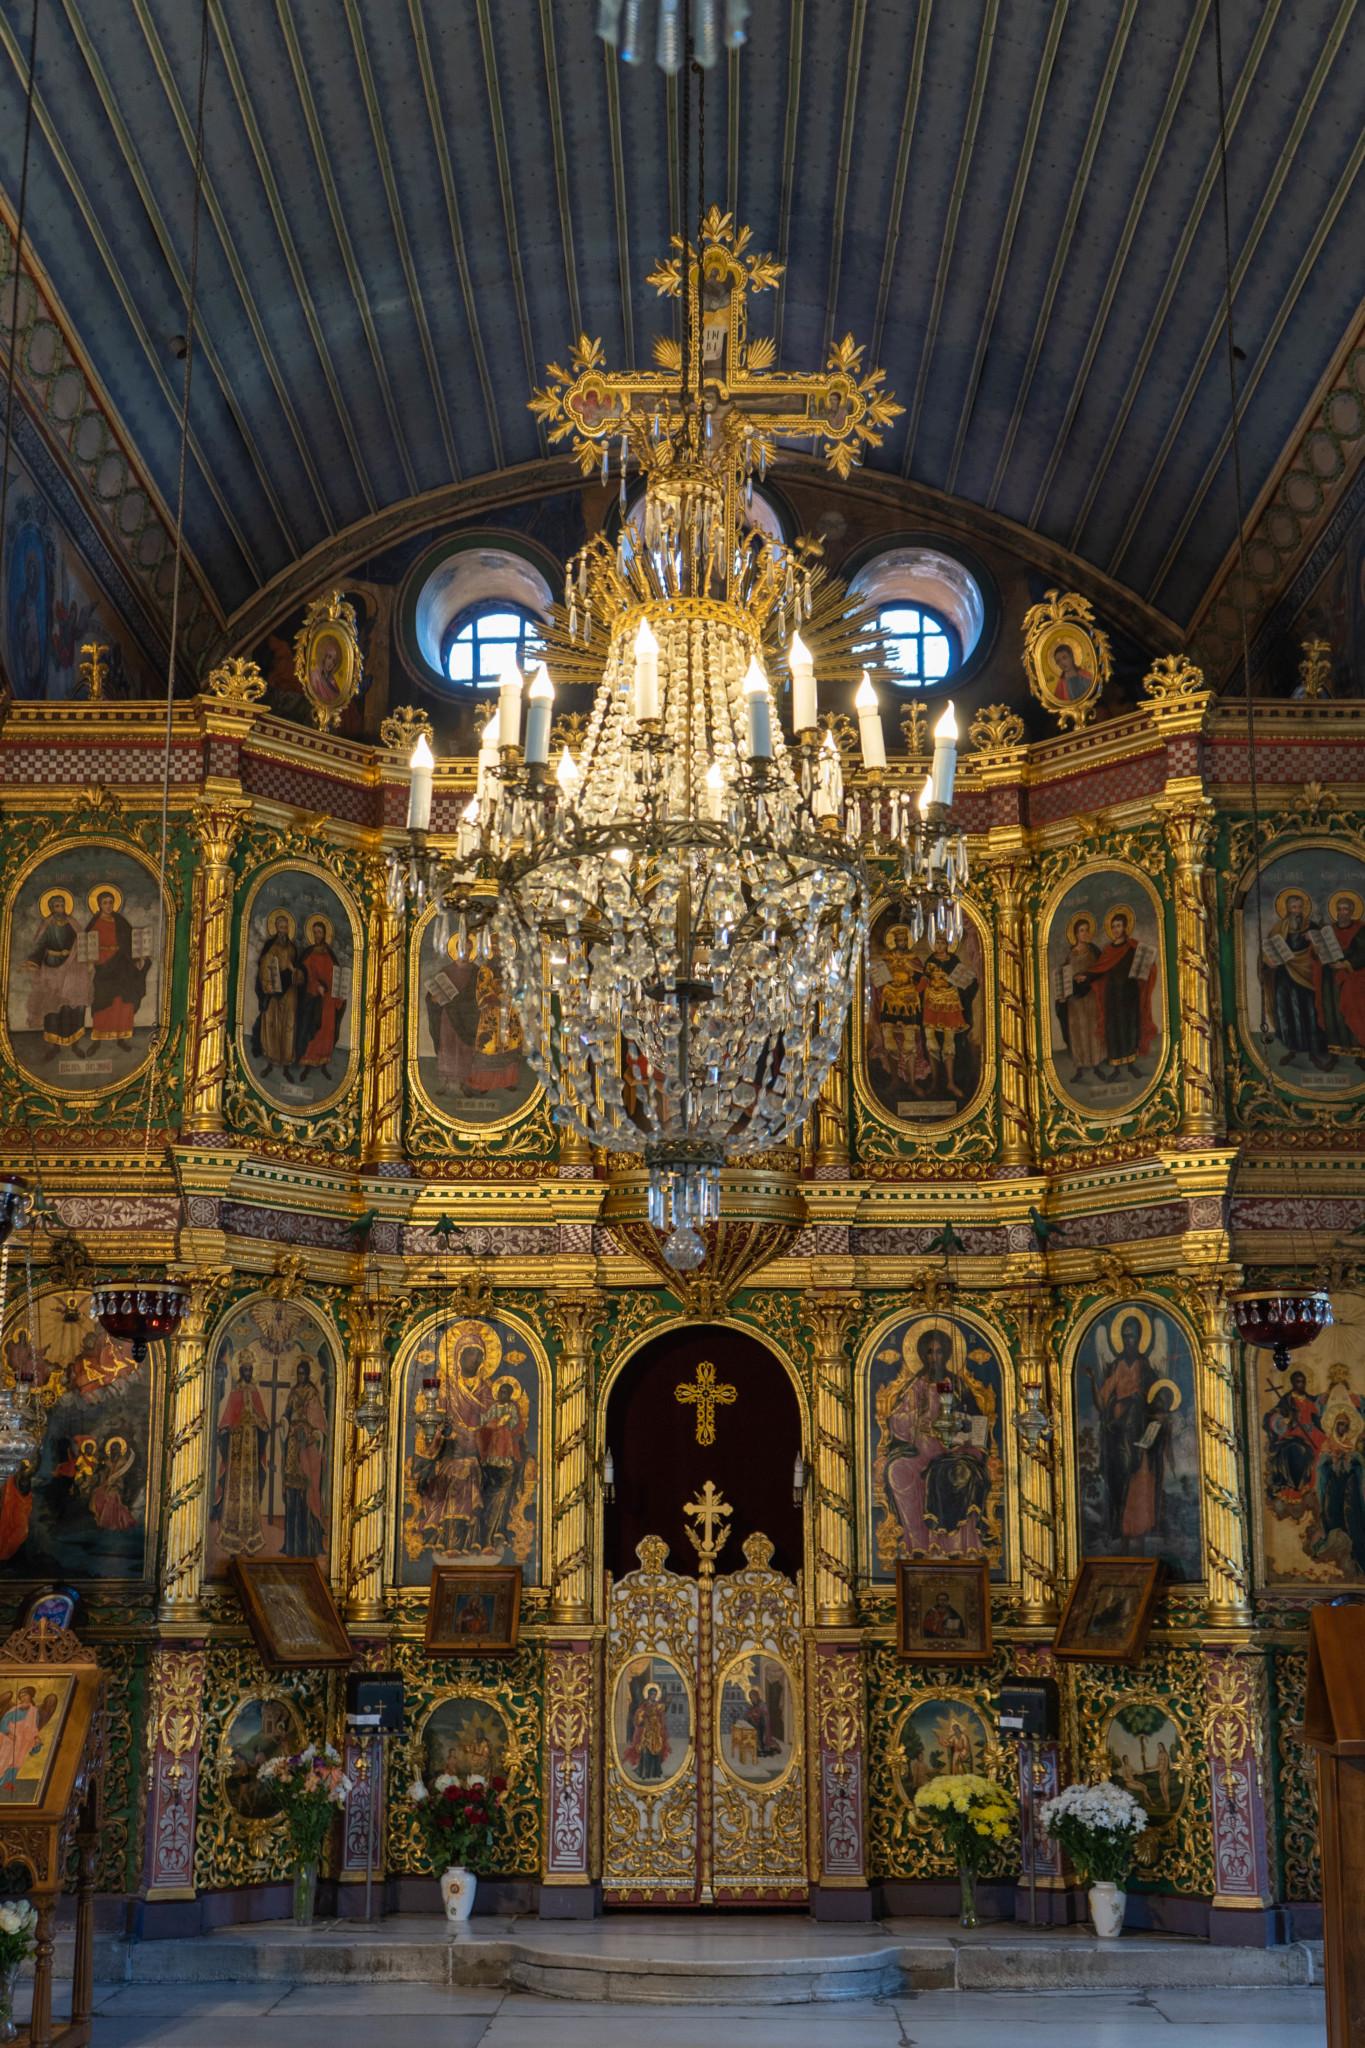 Wichtige Plovdiv Sehenswürdigkeit: Konstantin und Elena Kirche